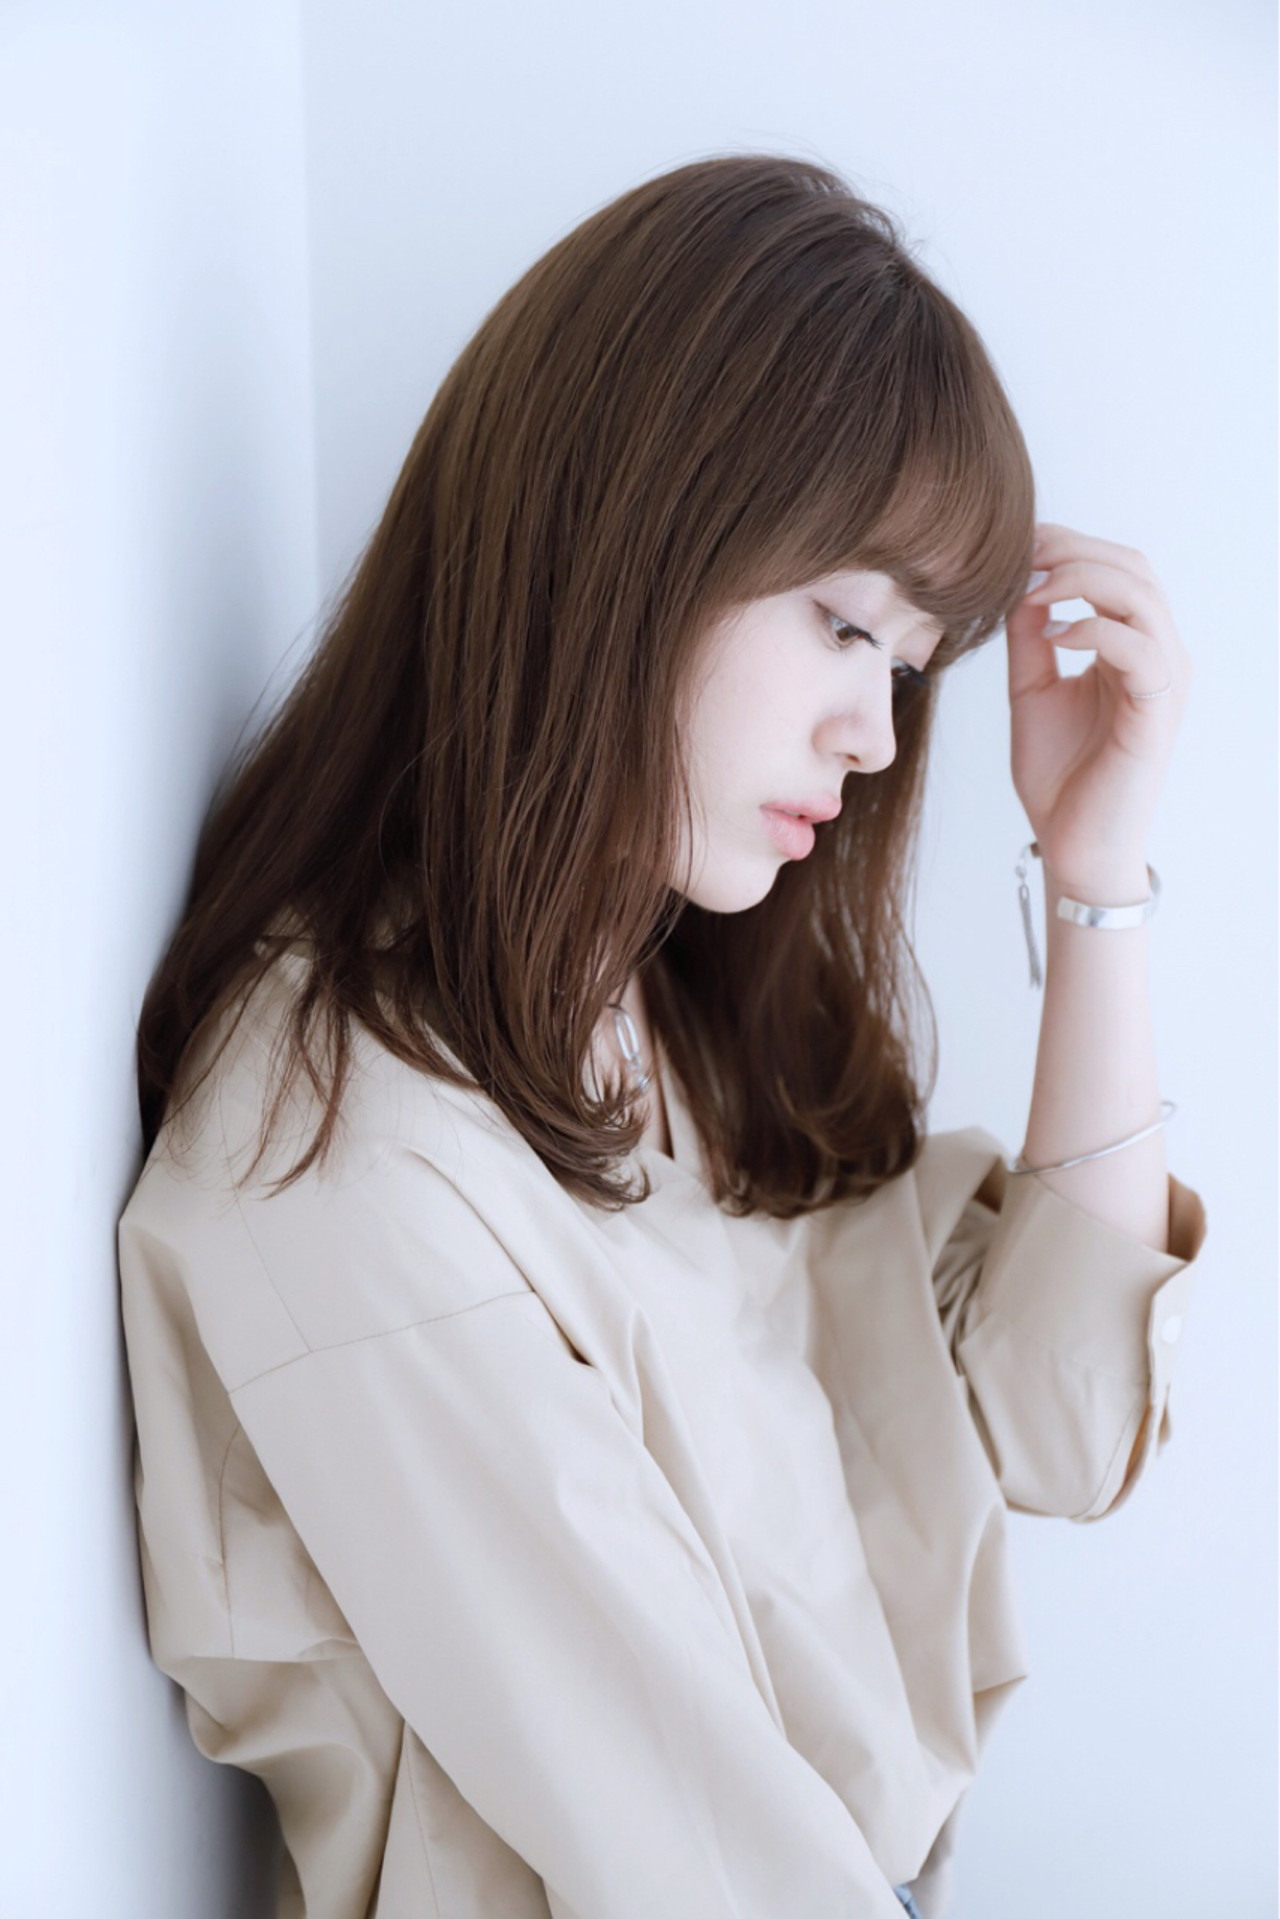 ヘアアレンジ ナチュラル セミロング パーティ ヘアスタイルや髪型の写真・画像 | 熊沢恵斗 / baLon.